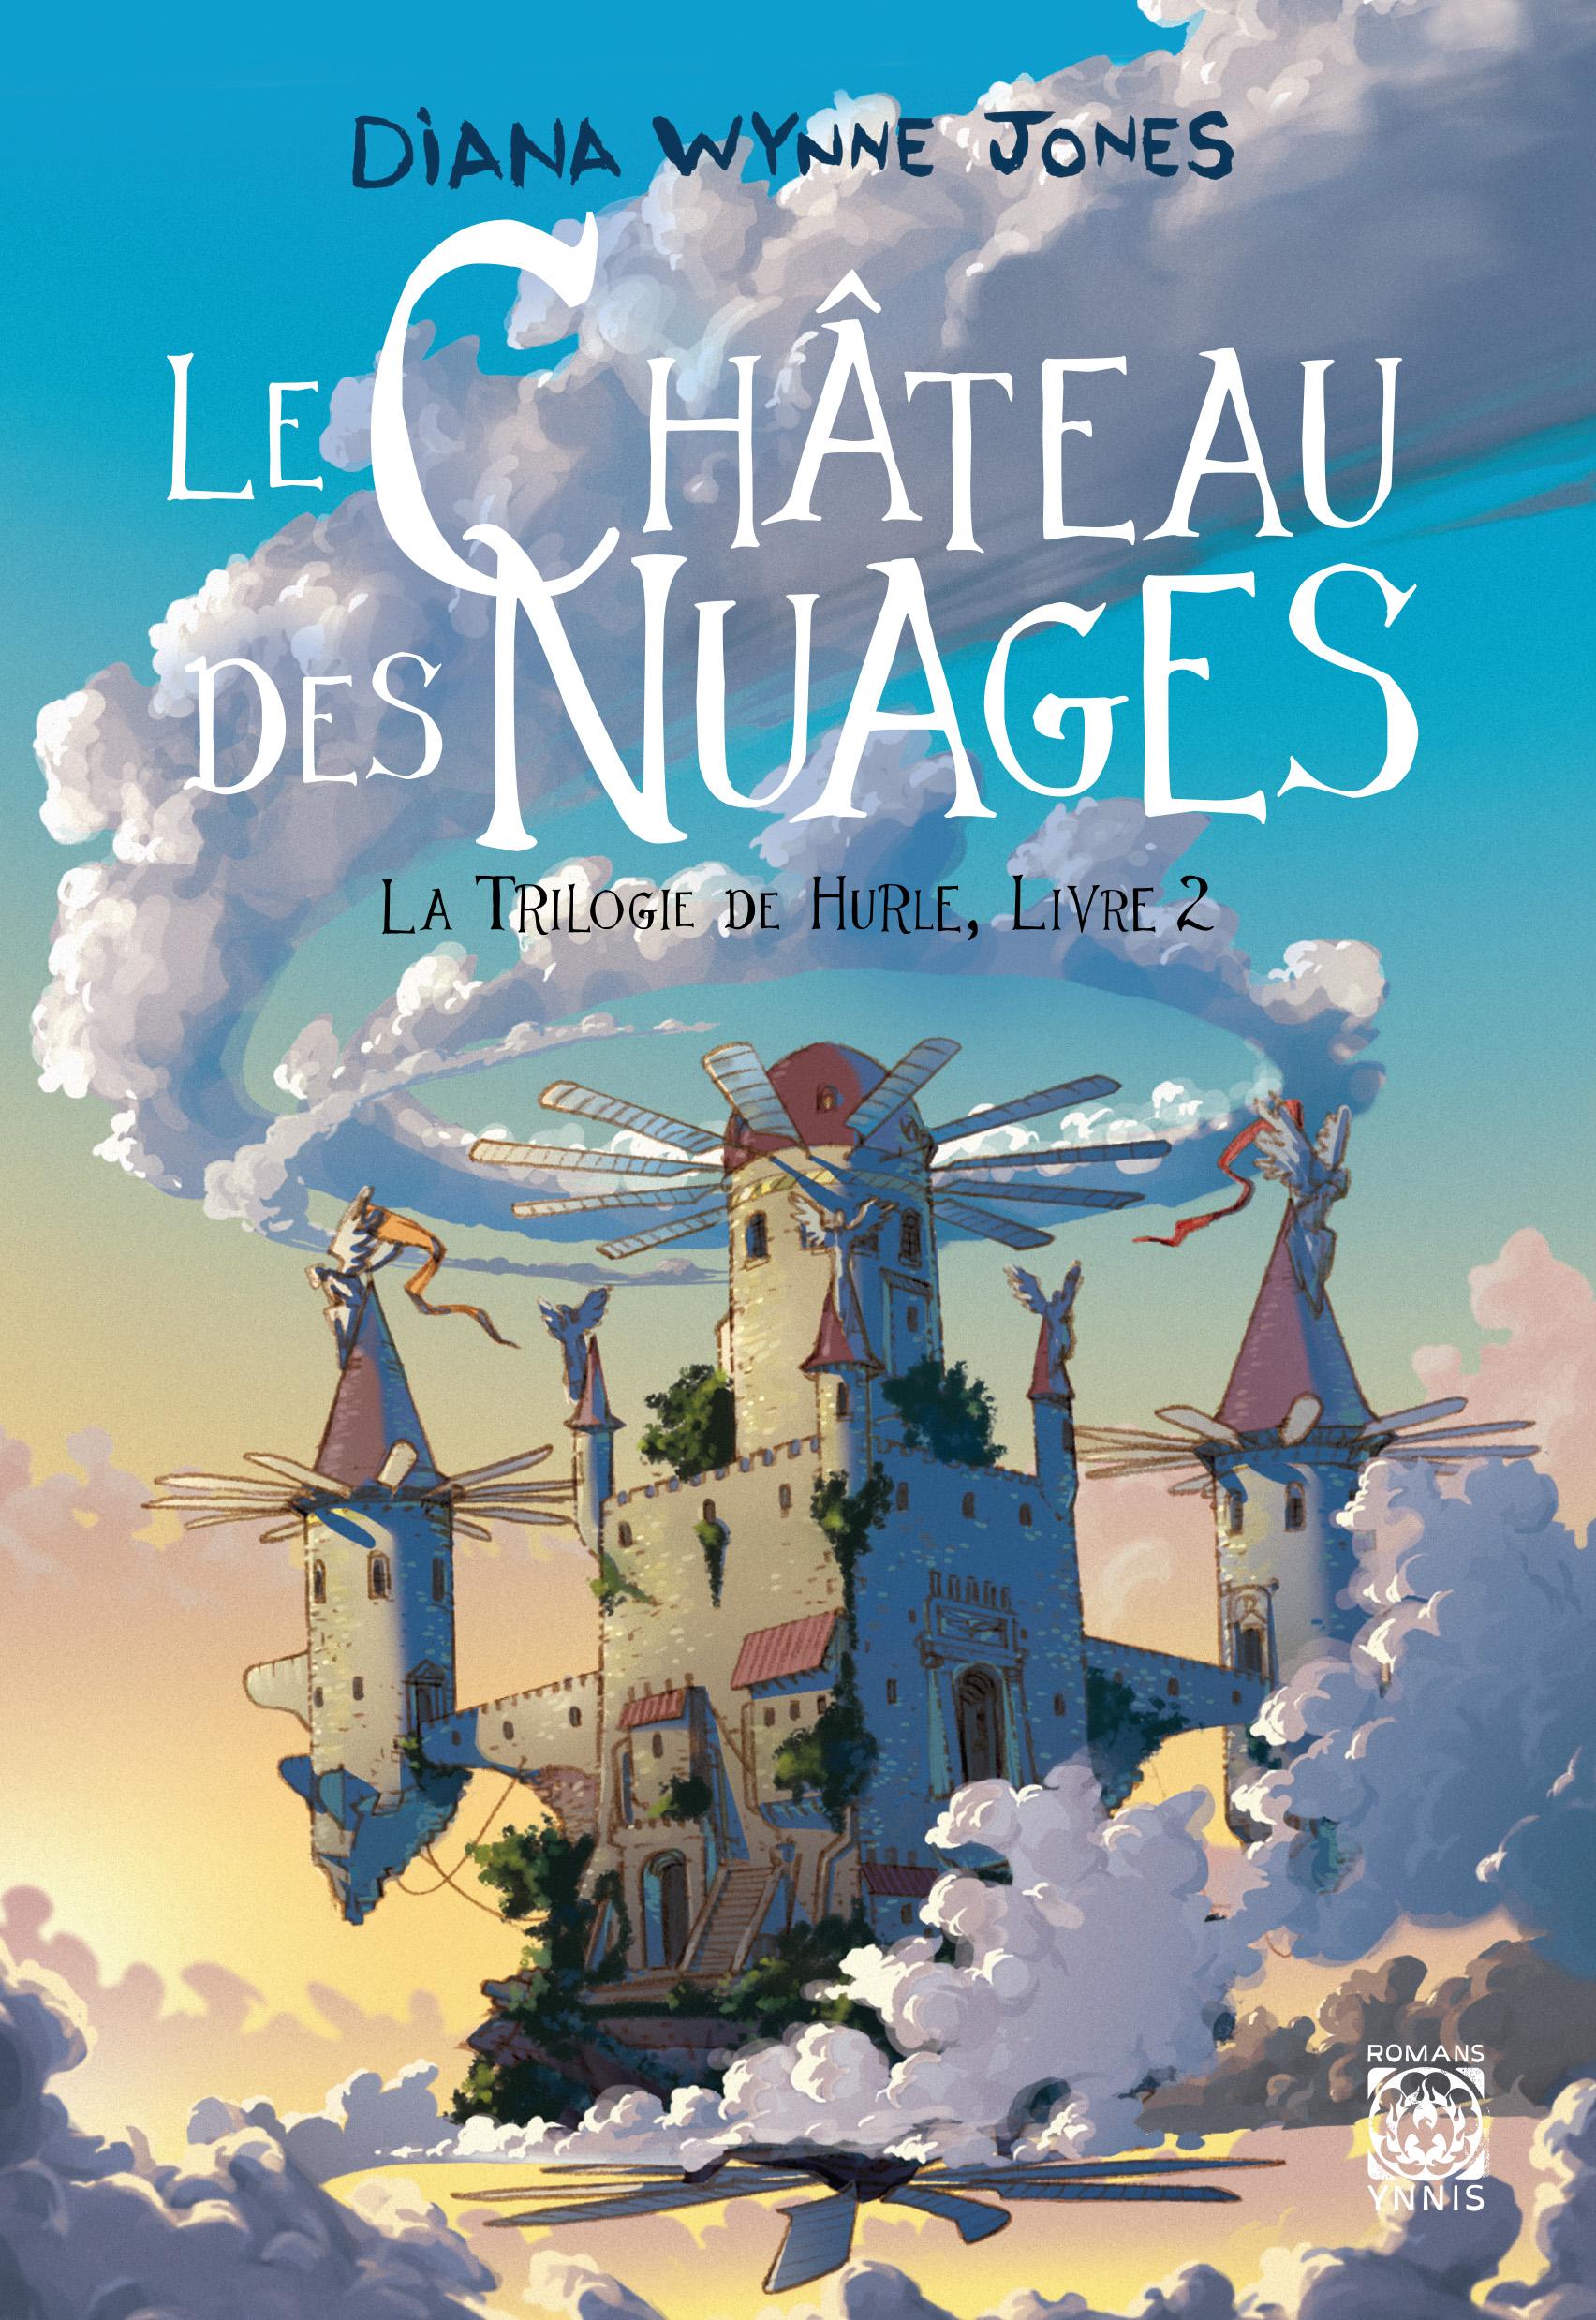 Le Château des nuages